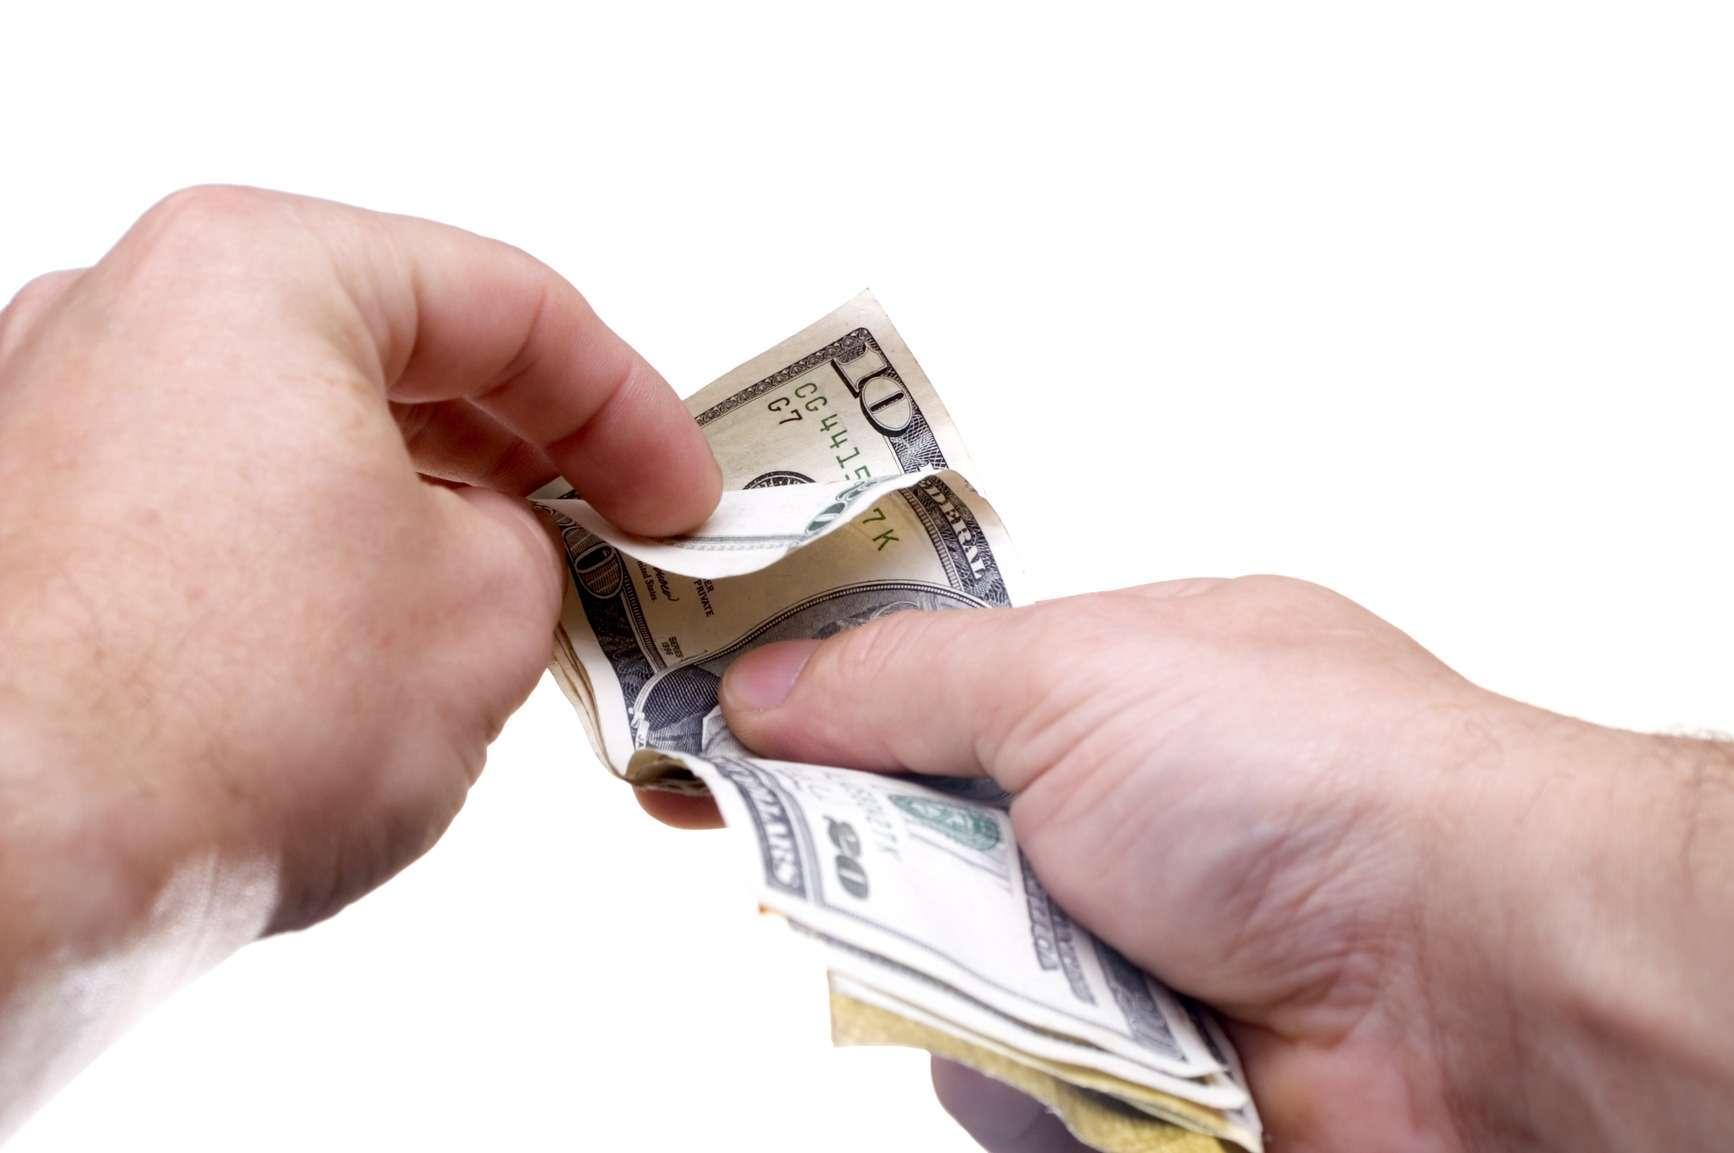 Mẹ đơn thân cần rất nhiều tiền để chi trả rất nhiều thứ